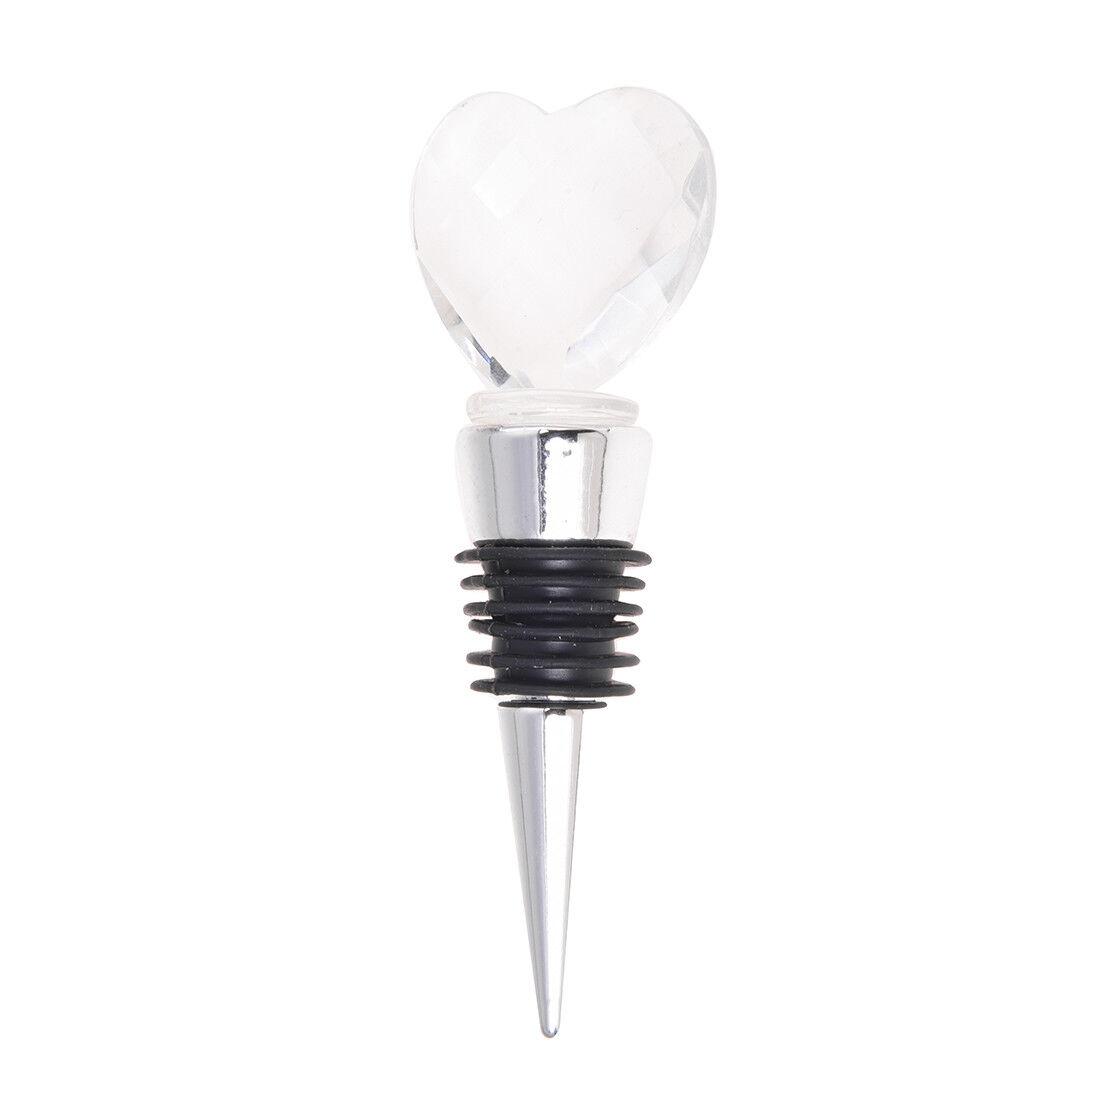 Chrome Bottle Stopper With Crystal Heart Wedding Favors 1 M6j6 | eBay